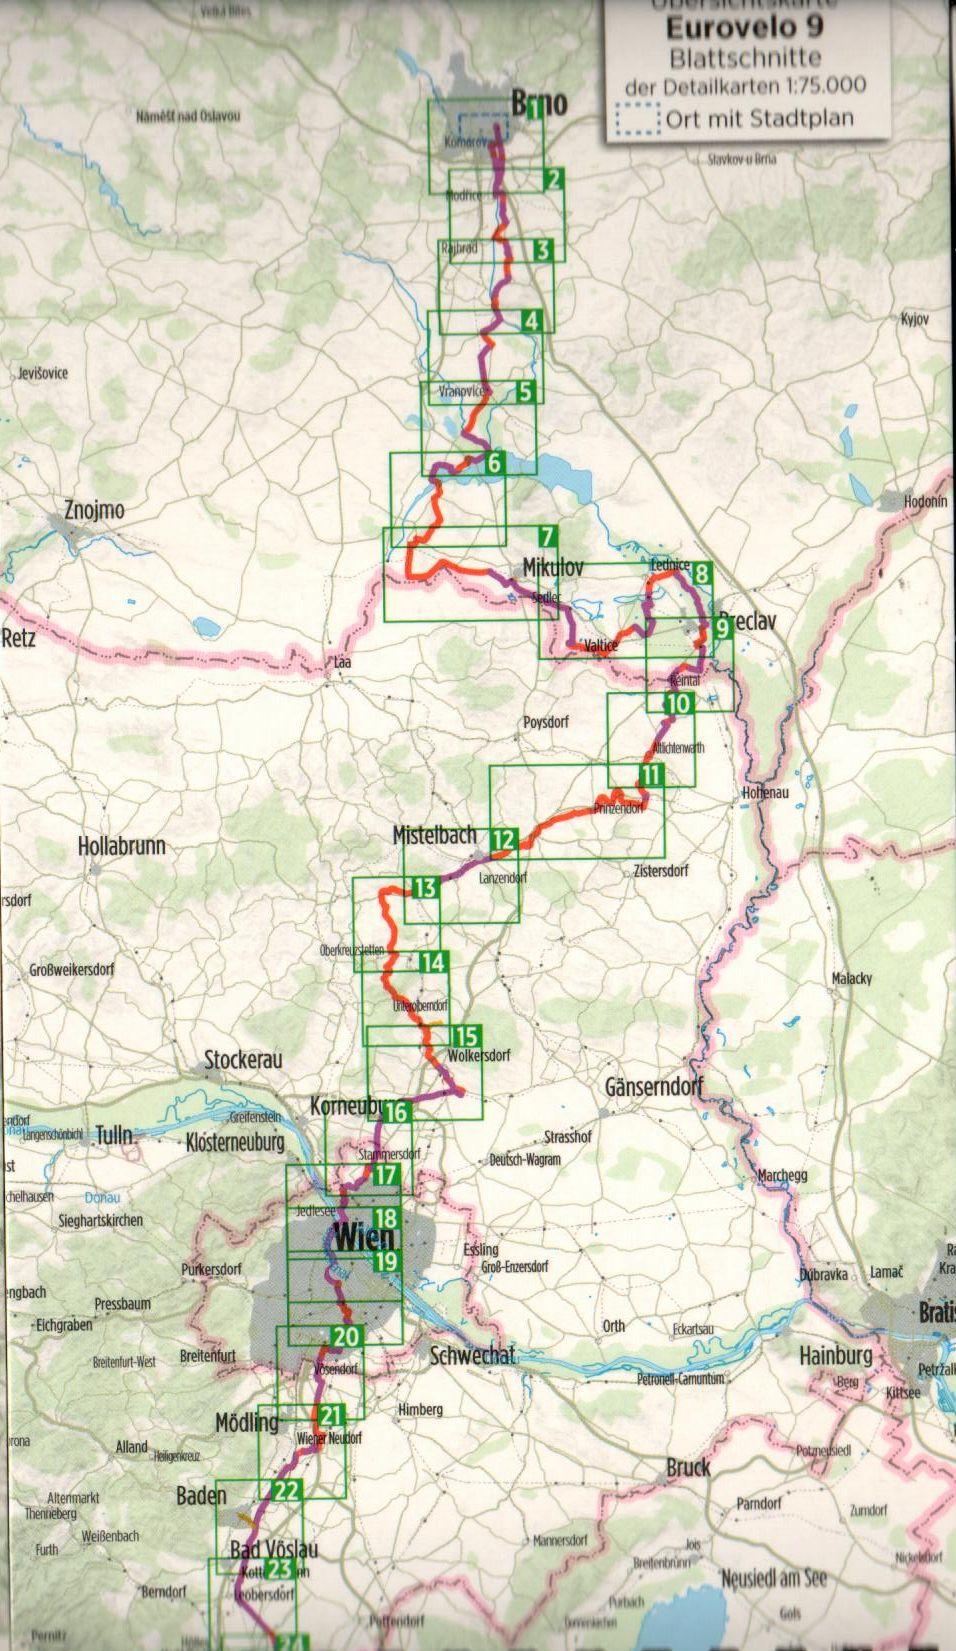 Az Euro 9-es biciklis útikalauz áttekintő térképe (É)